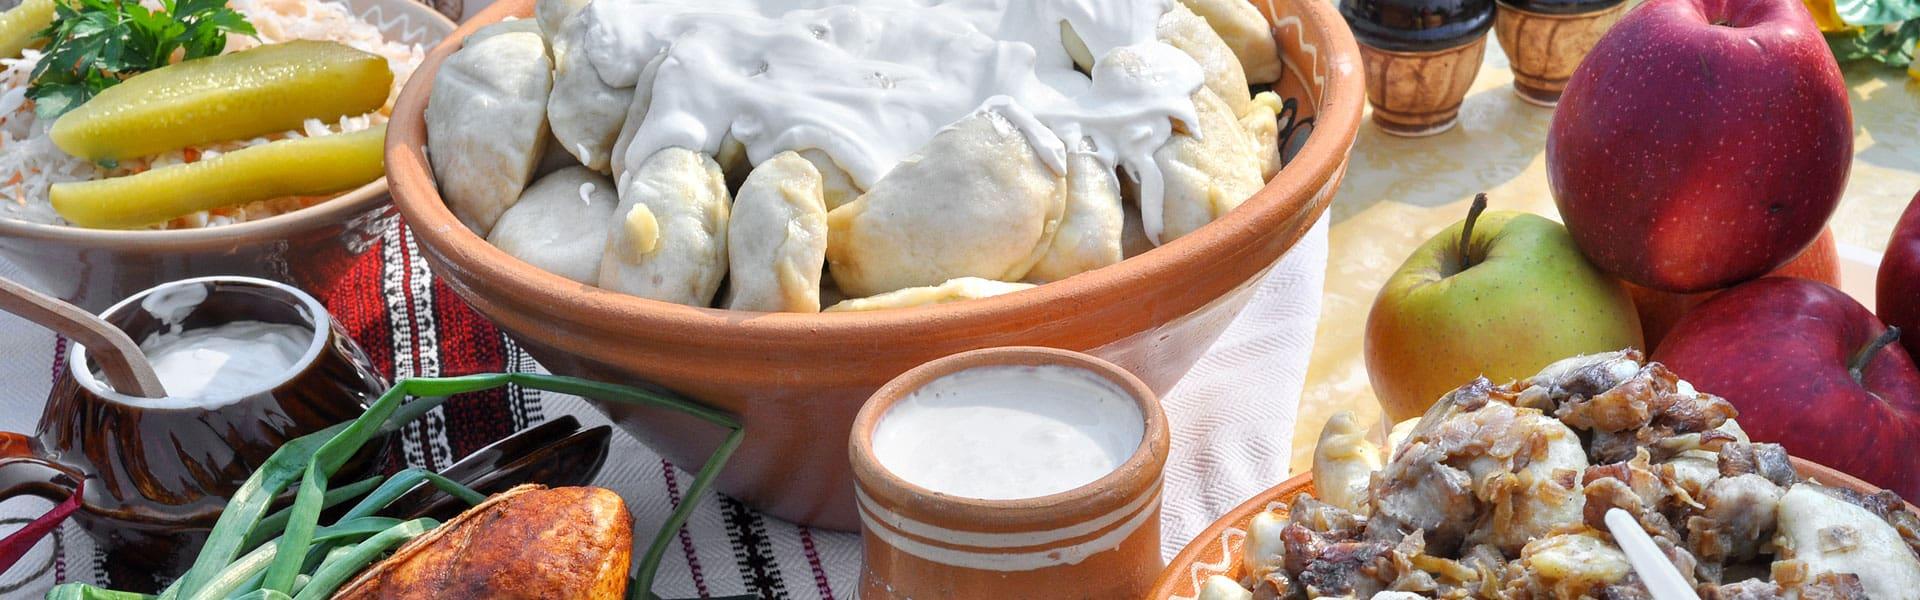 Zur Fußball-EM die ukrainische Küche genießen